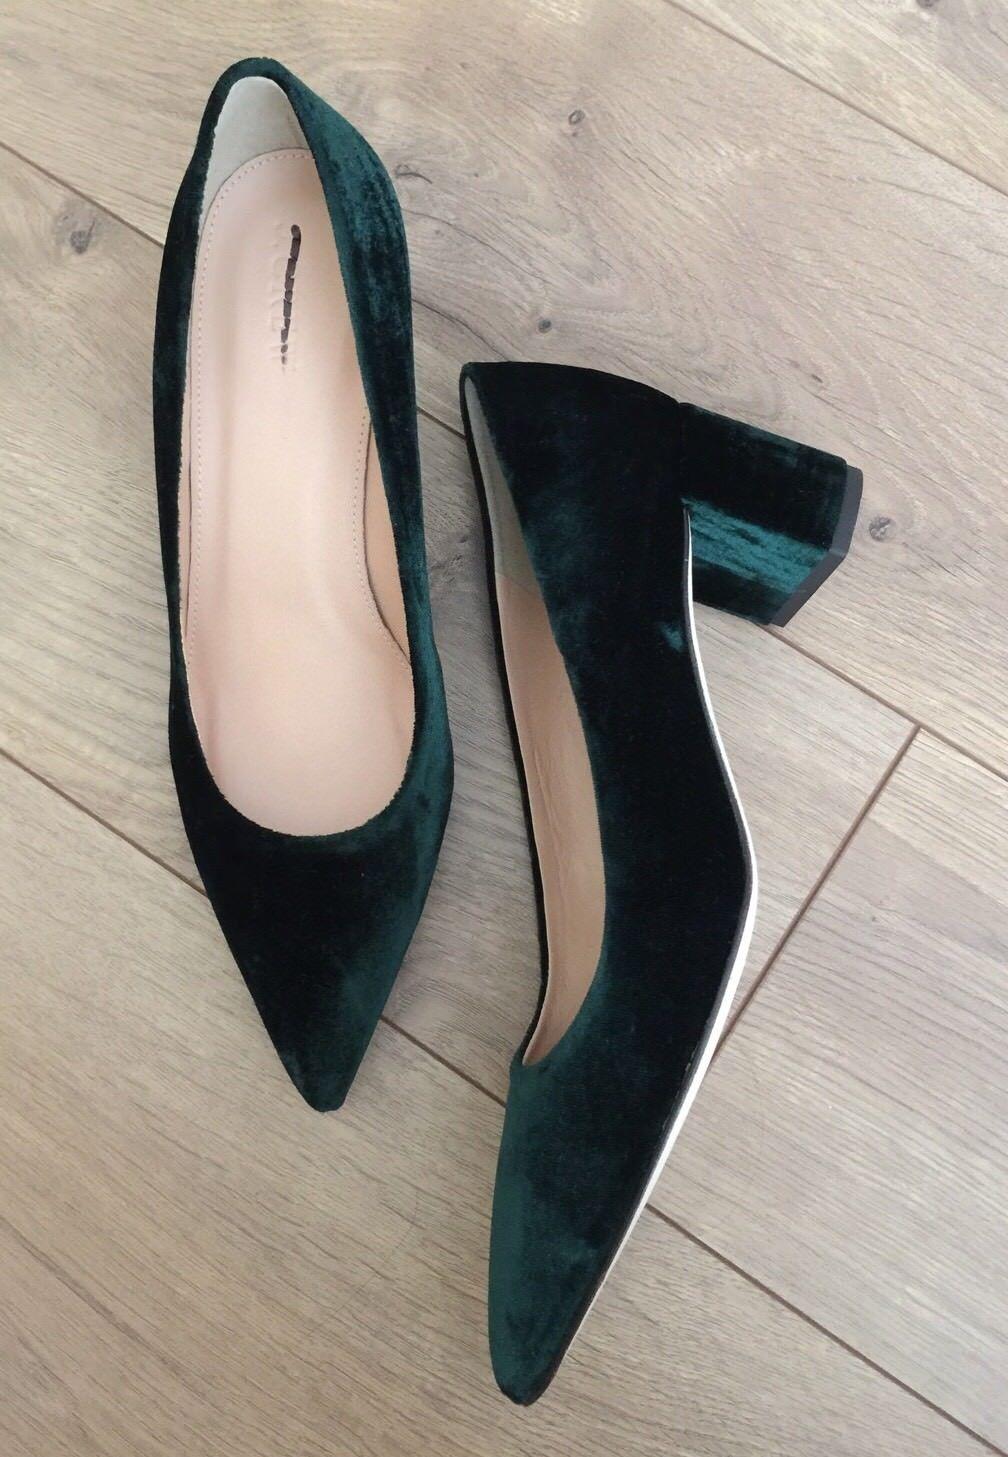 Nouveau jcrew Avery Talons en Velours Chaussures  278 Forêt sombre f5215 Taille 7